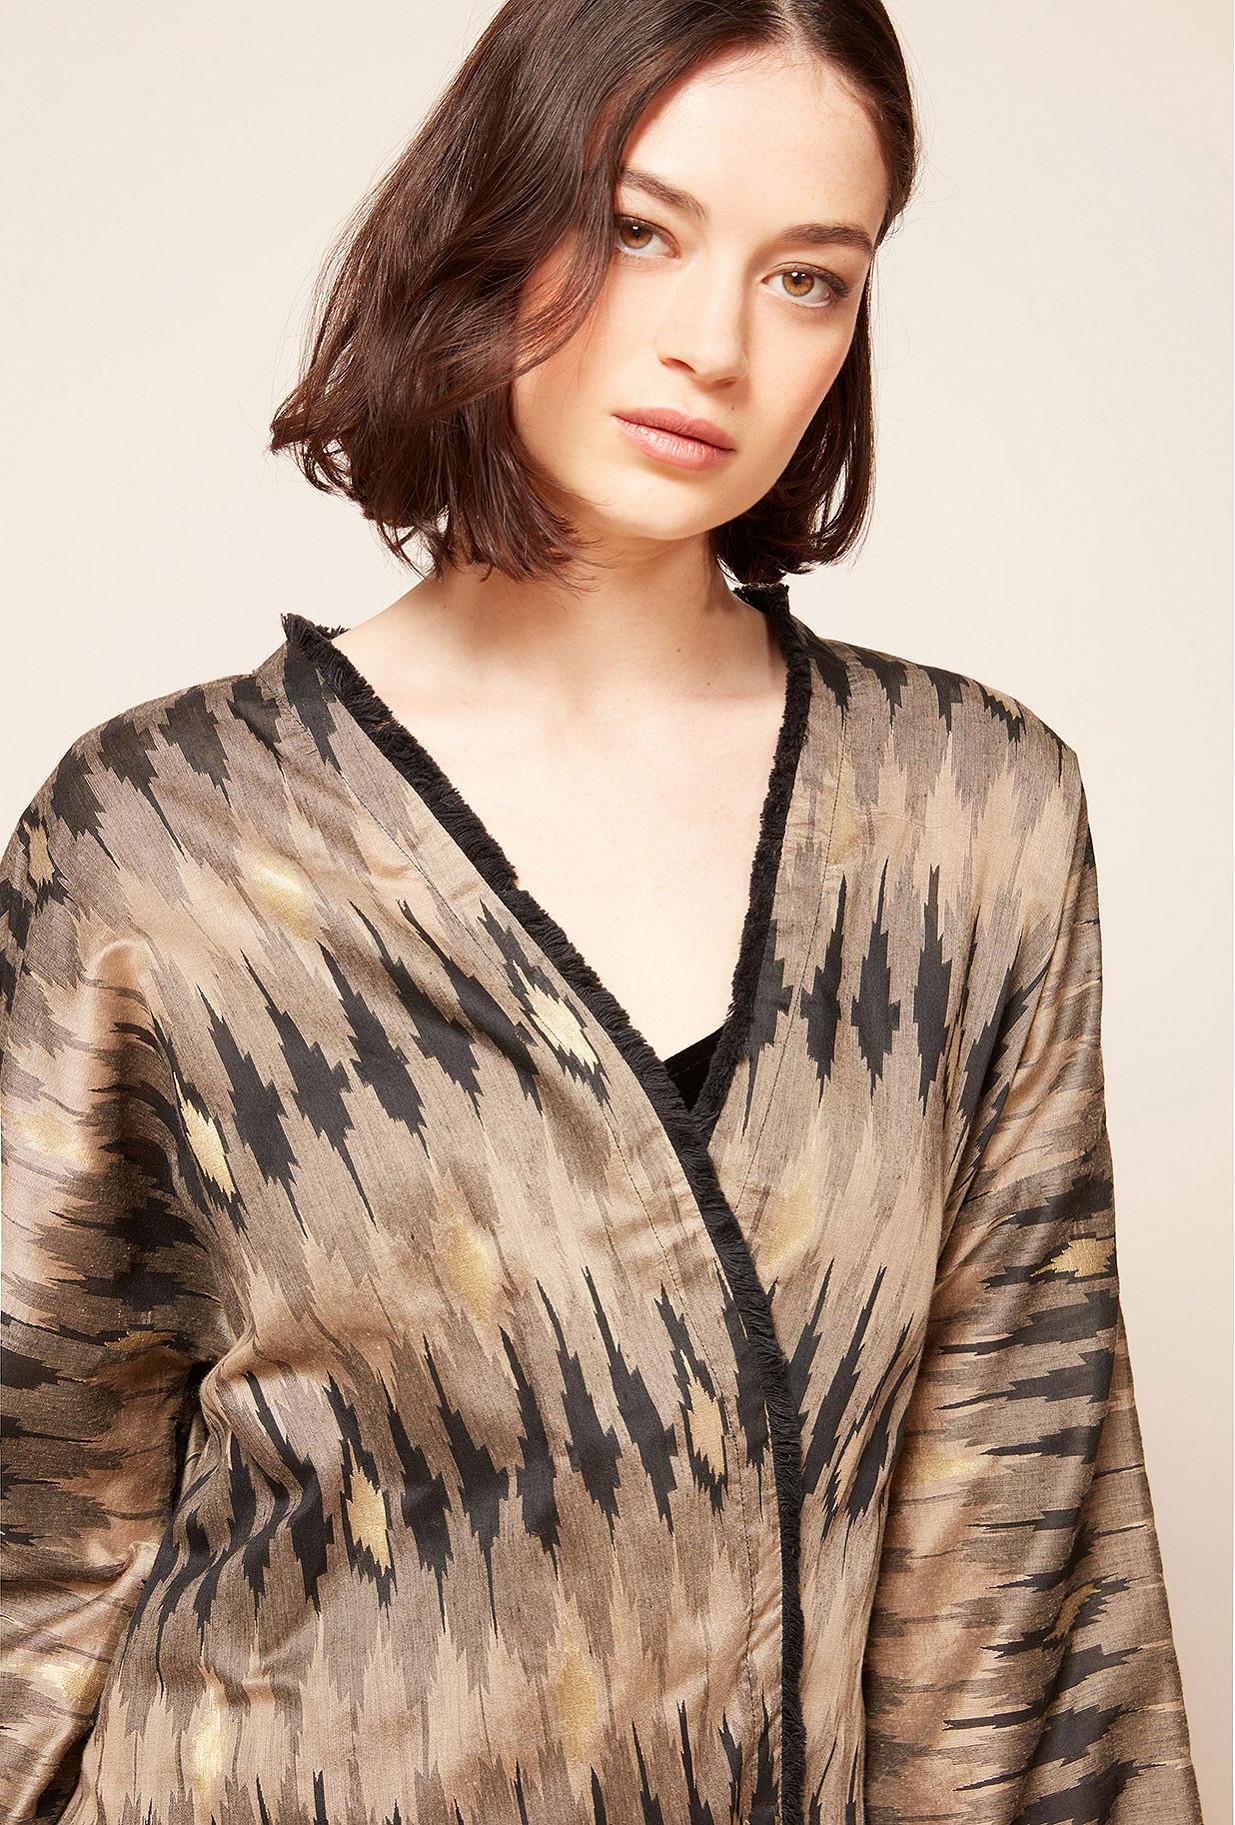 Kimono Imprimé gris  Jimbaram mes demoiselles paris vêtement femme paris